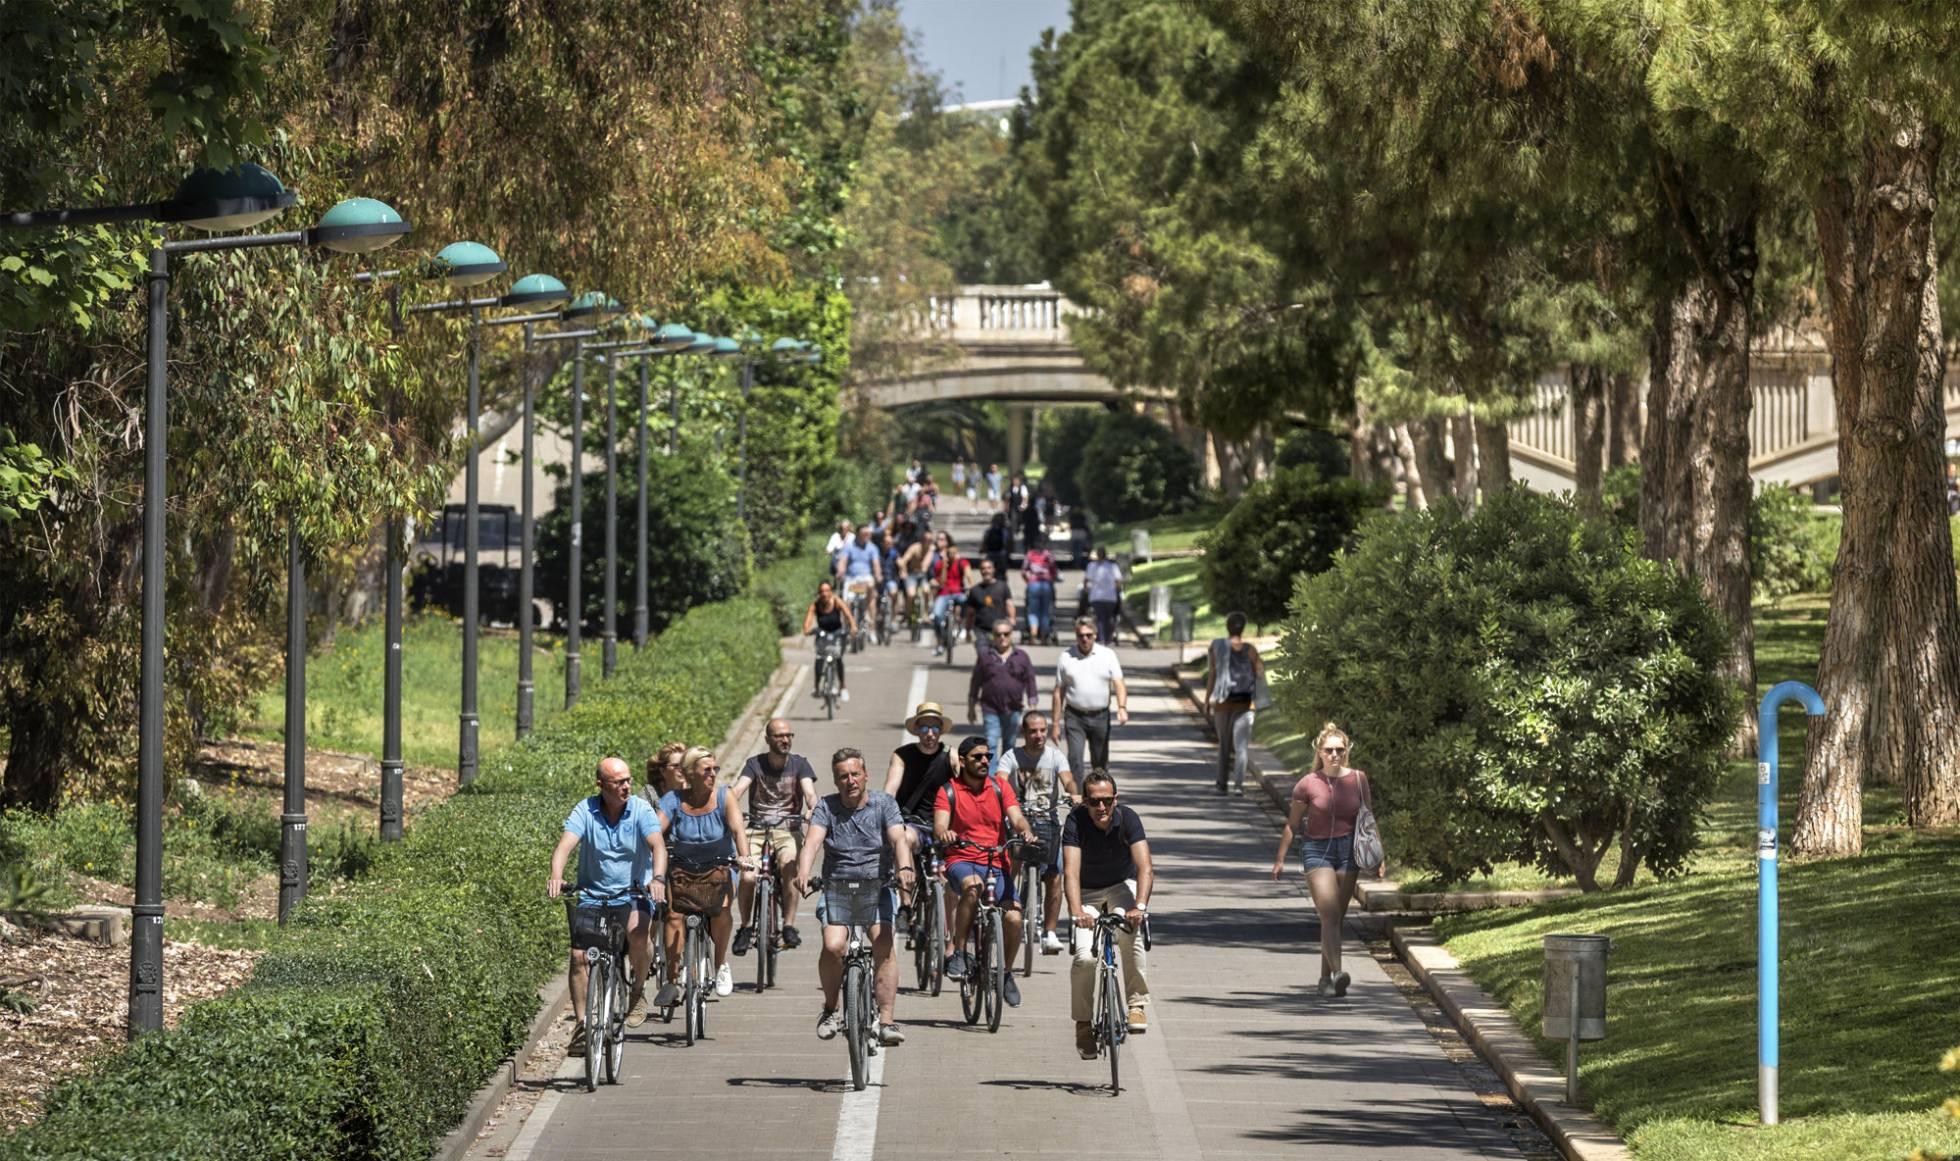 valencia-es-la-segunda-ciudad-de-españa-mejor-valorada-en-movilidad-sostenible-segun-greenpeace